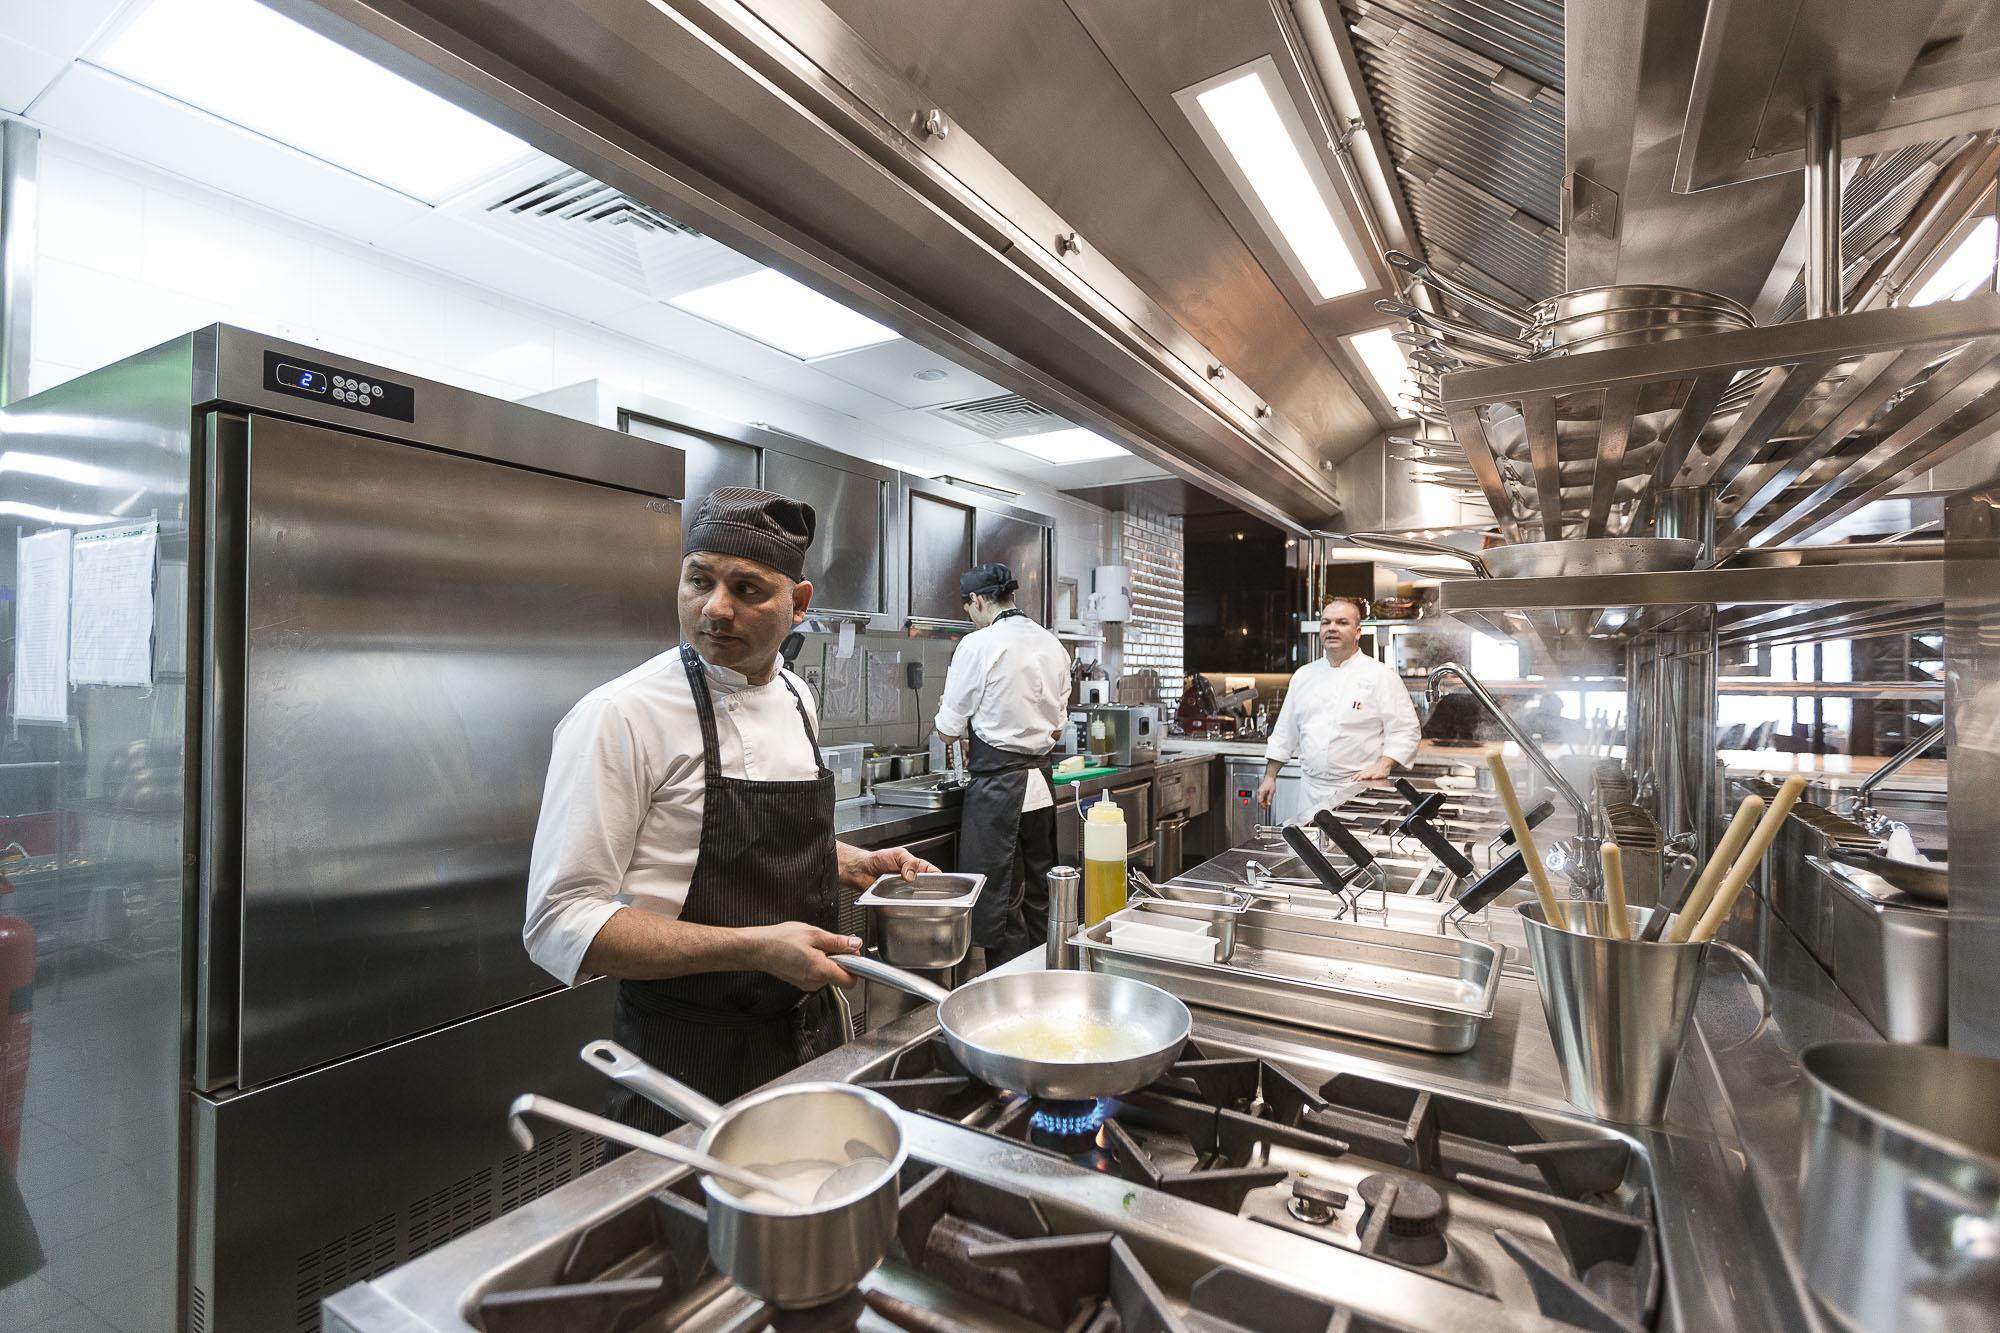 italia_kitchen_robertos_abu_dhabi_21